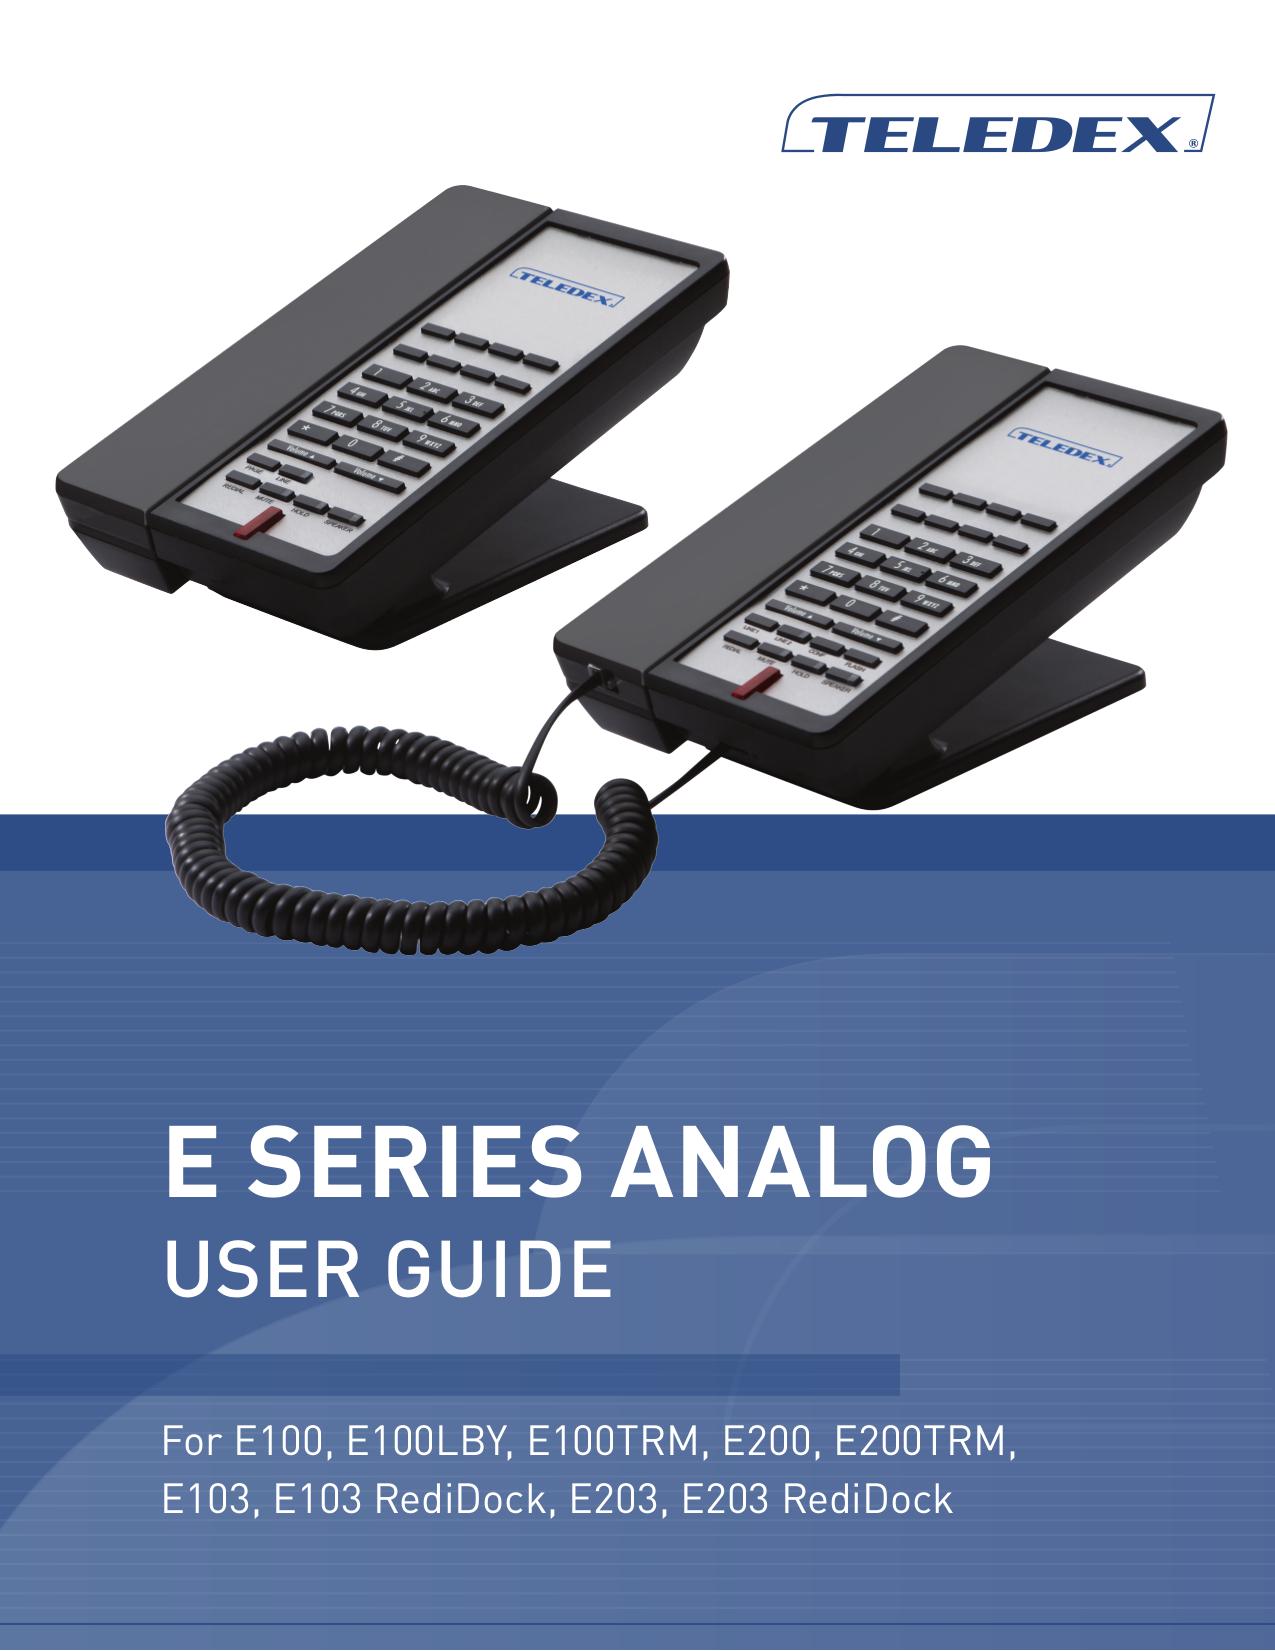 iphone user manual pdf download